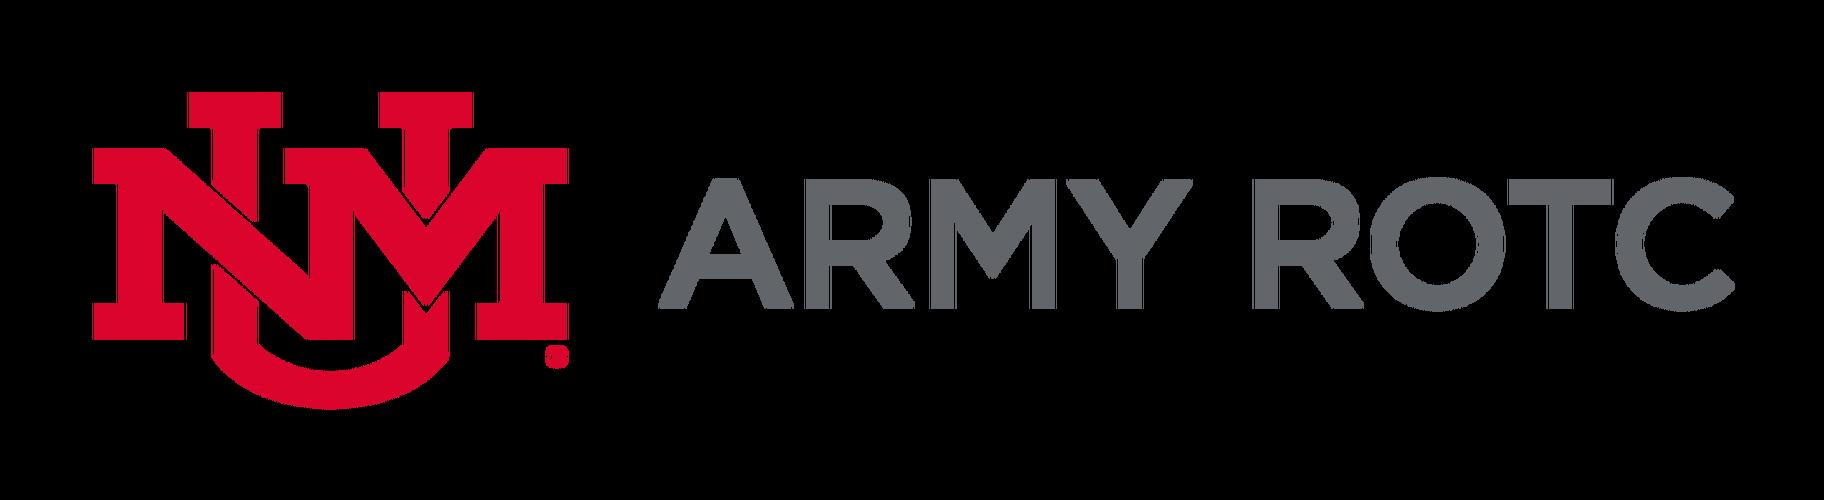 University of New Mexico - Army ROTC